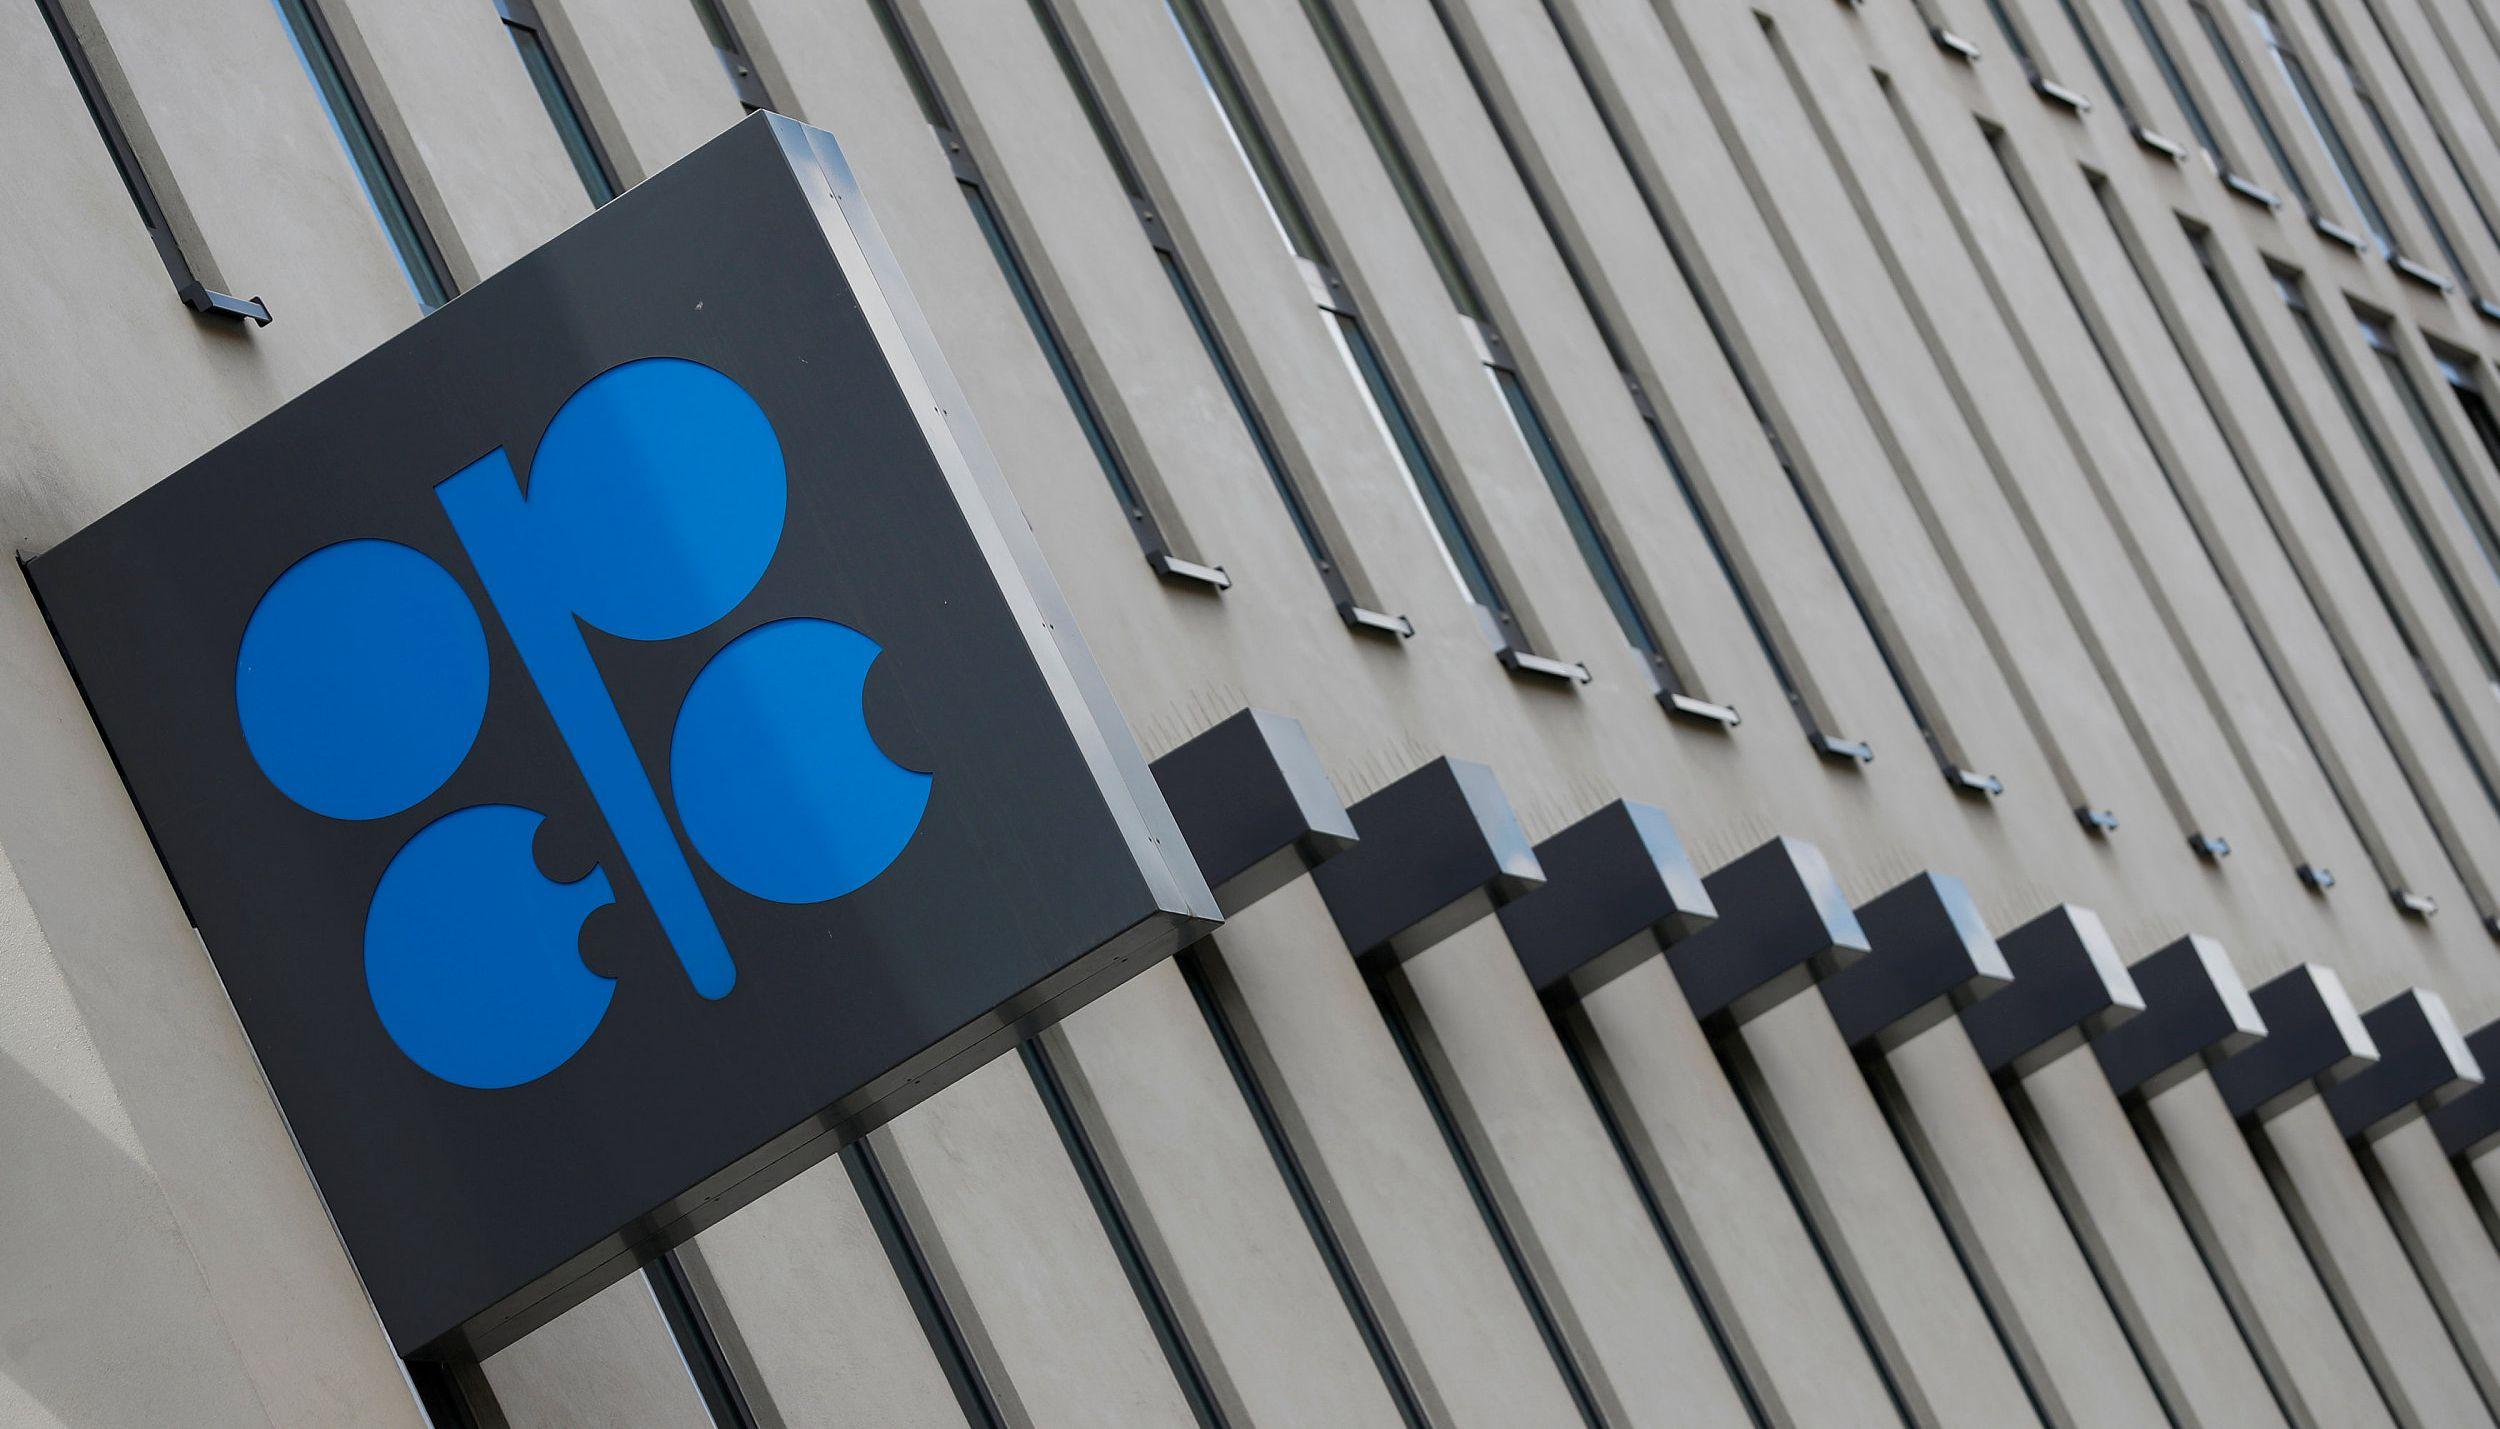 欧佩克年度报告下调石油中长期需求增长前景